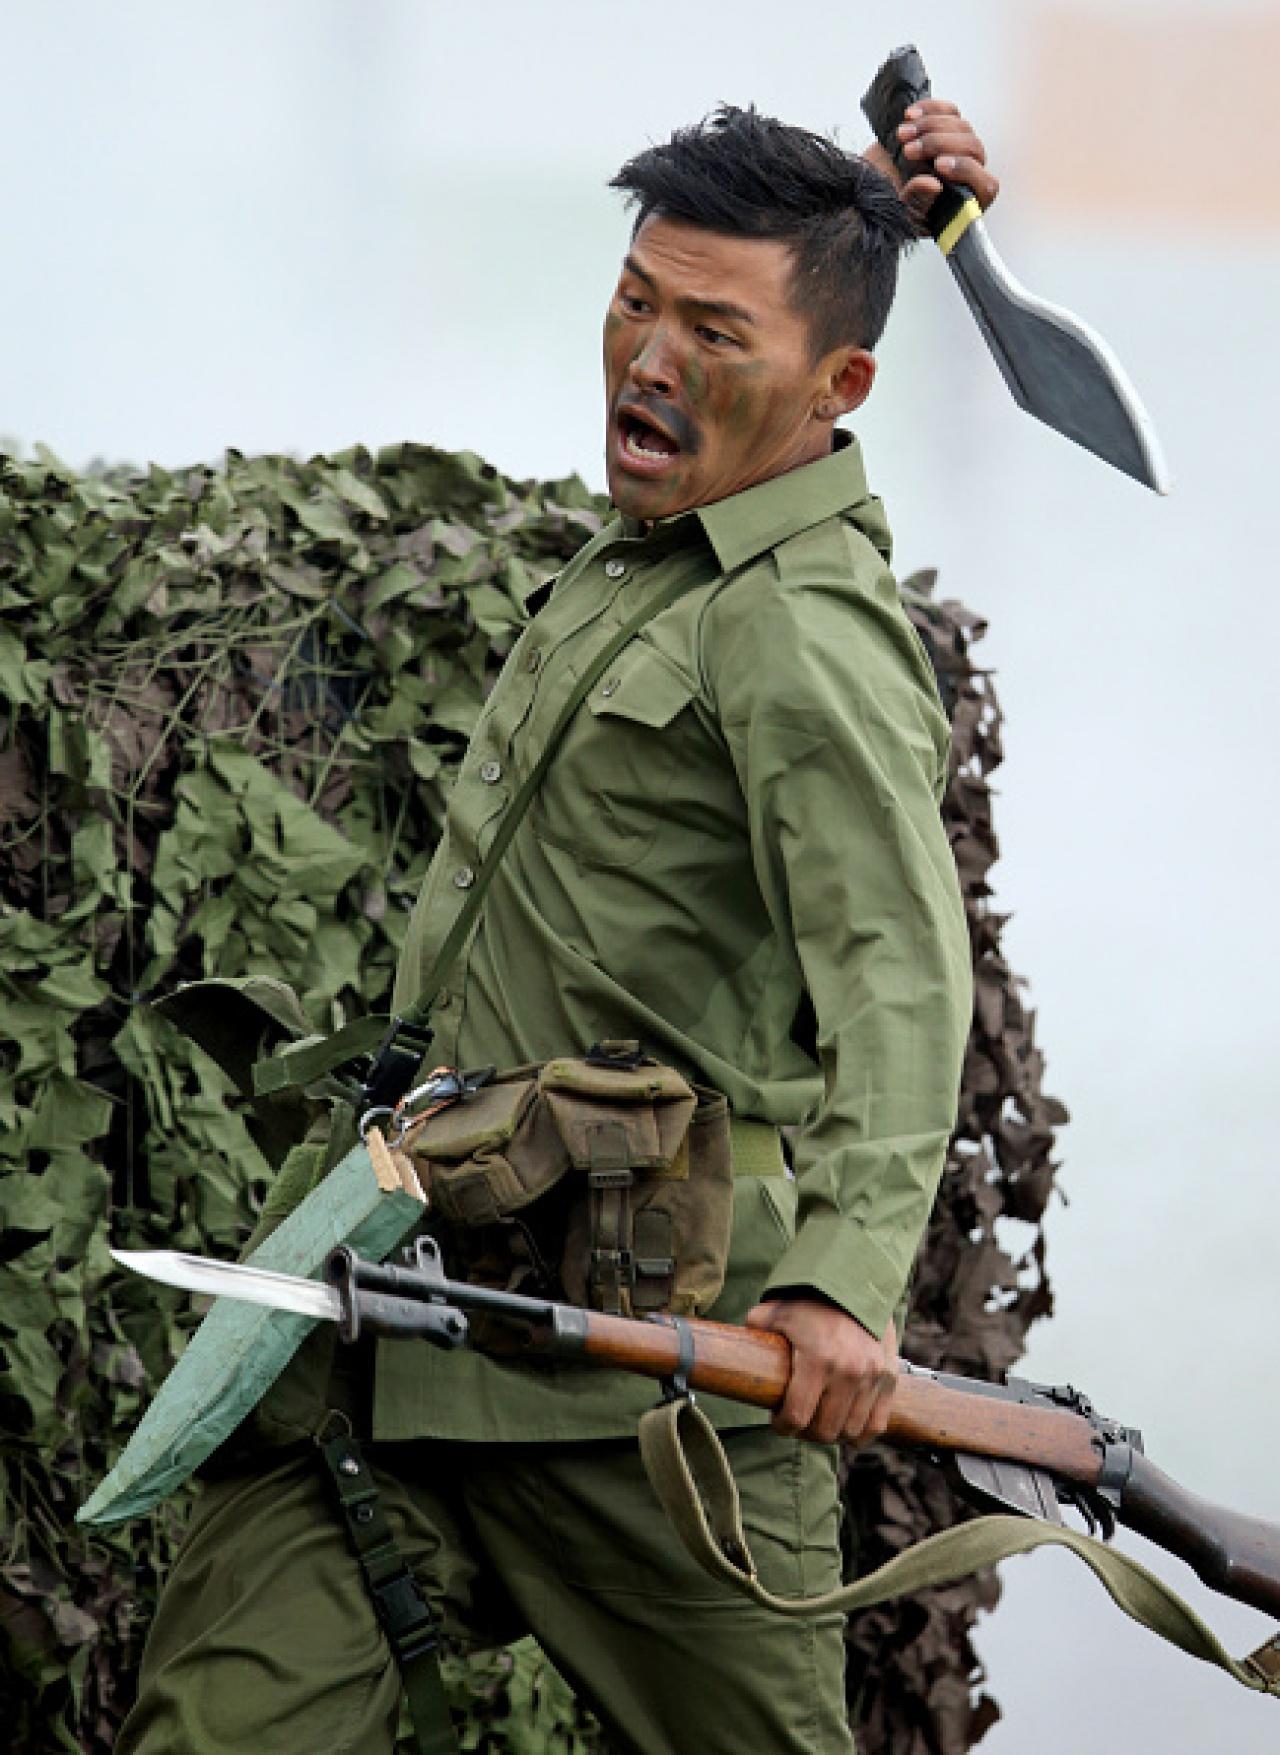 獨特的「啹喀刀」,成為了驍勇善戰的啹喀兵之象徵。(Getty Images)